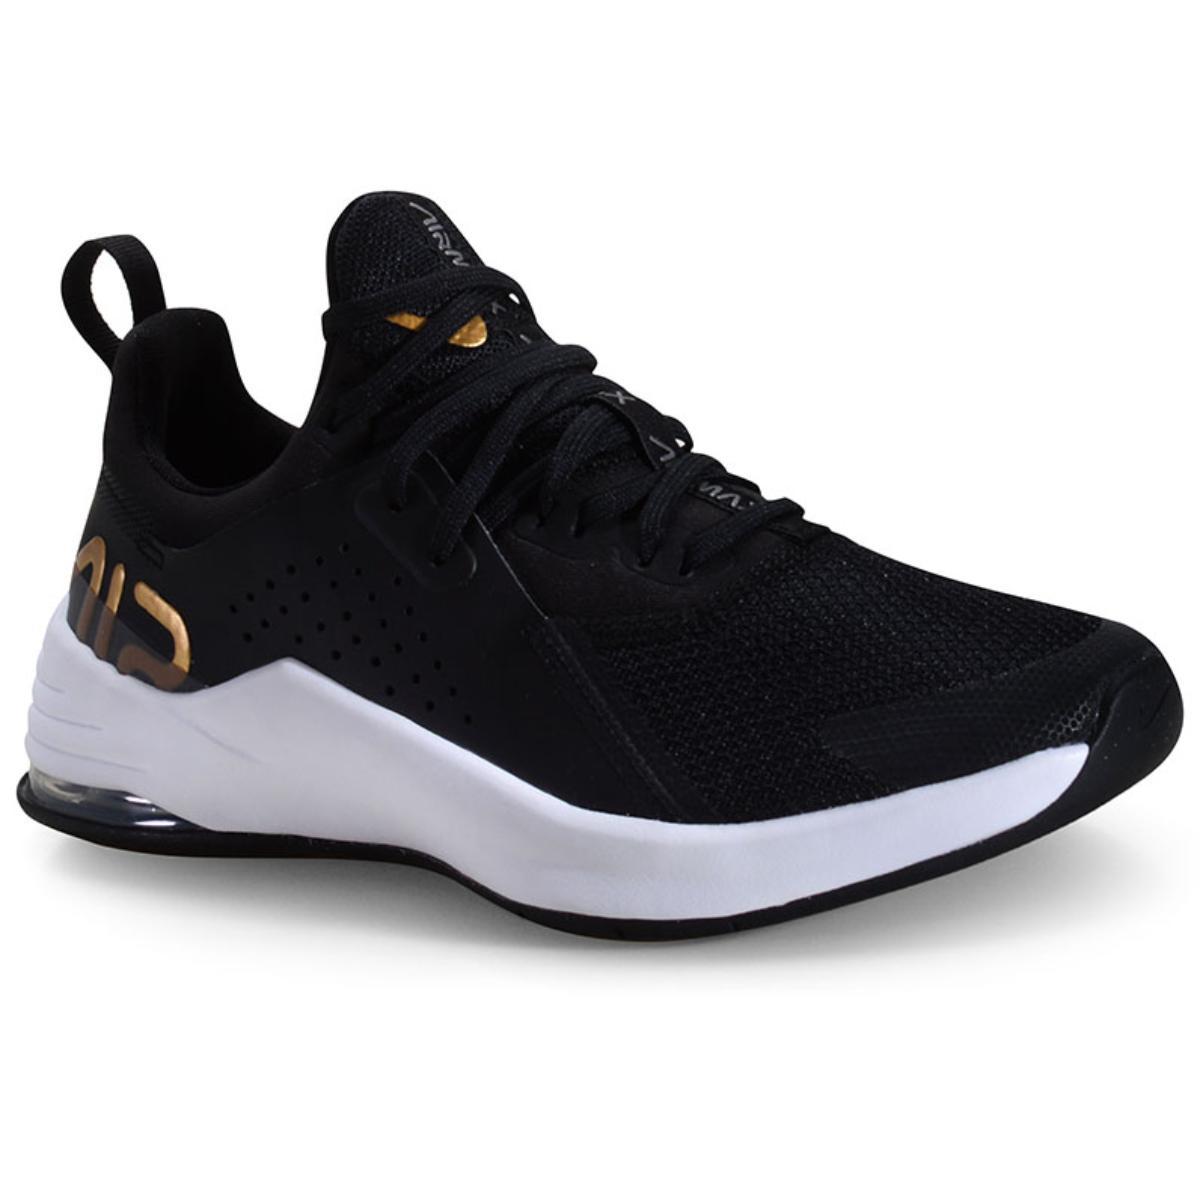 Tênis Feminino Nike Cj0842-005 Air Max Bella tr 3 Preto/branco